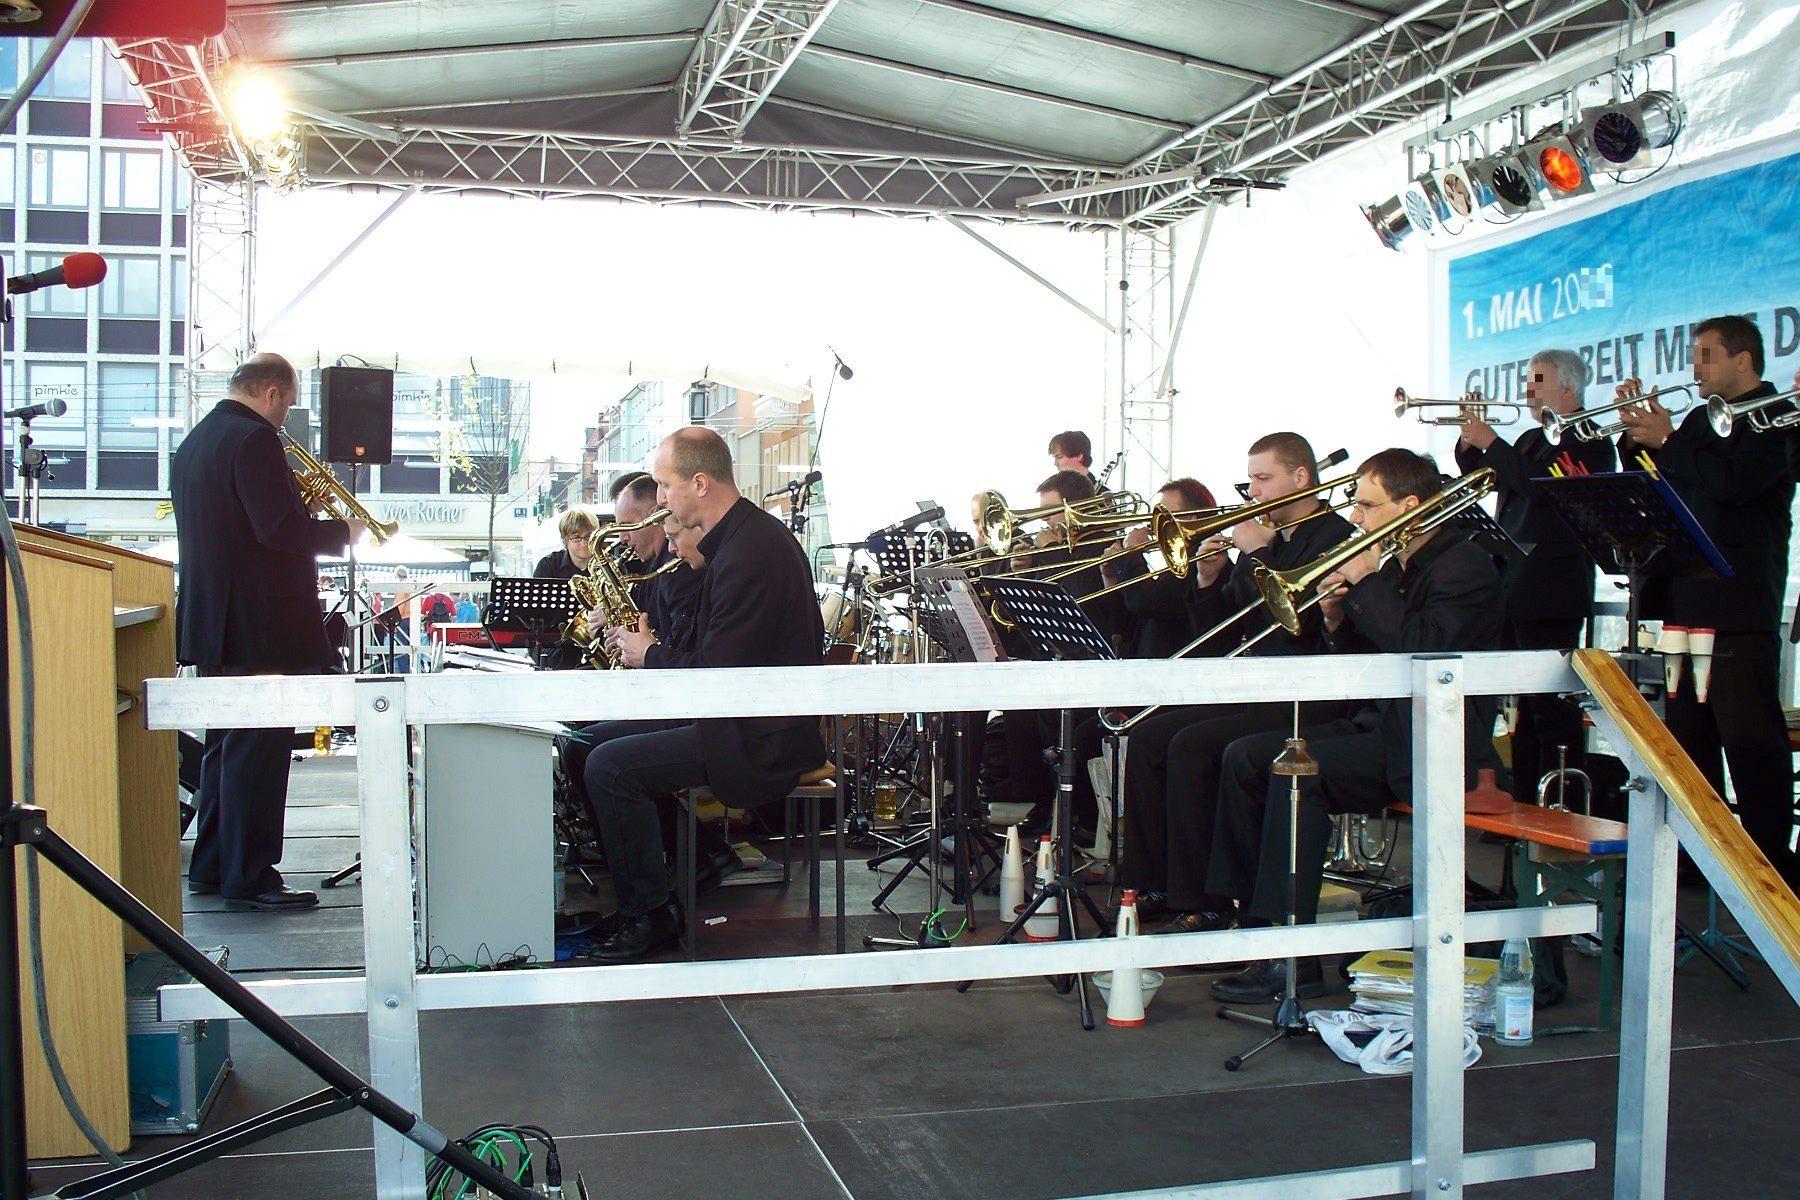 Buehne 10m x 6m Blasorchester